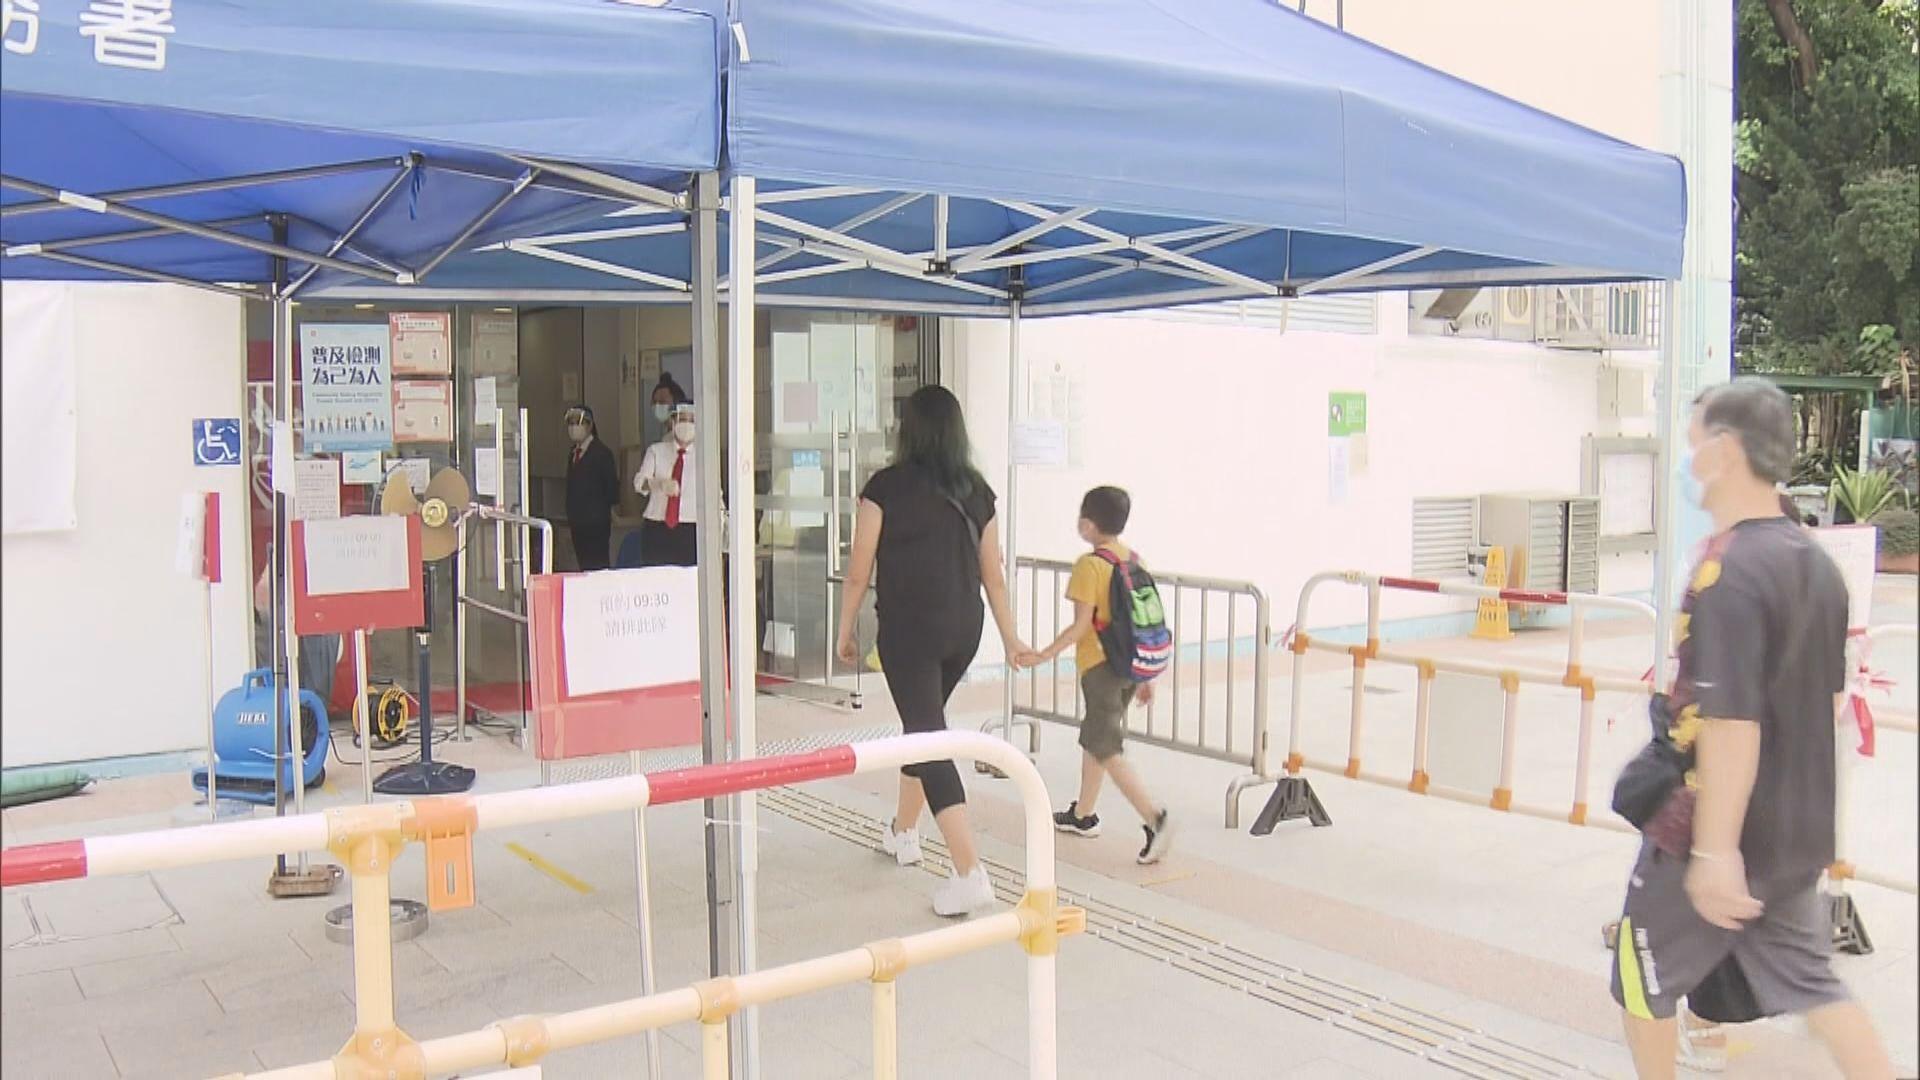 57個檢測中心運作至明日 有中心人流疏落